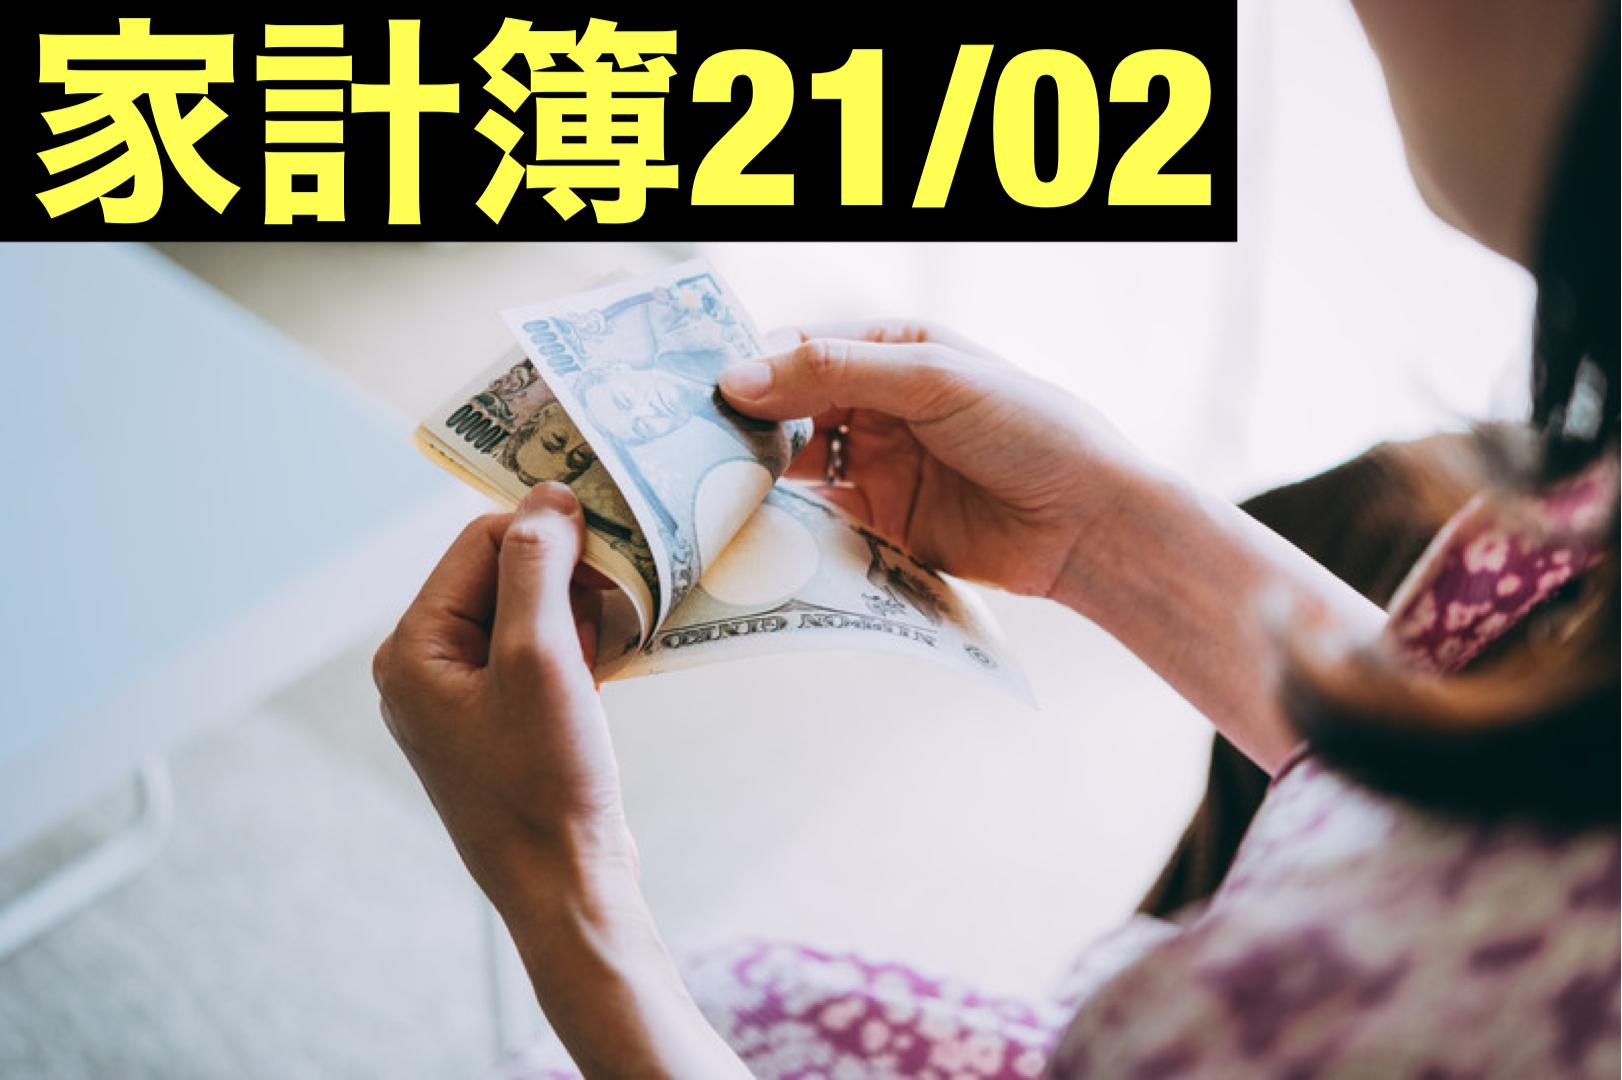 【30代】家計簿公開・21年02月【1人暮らし】